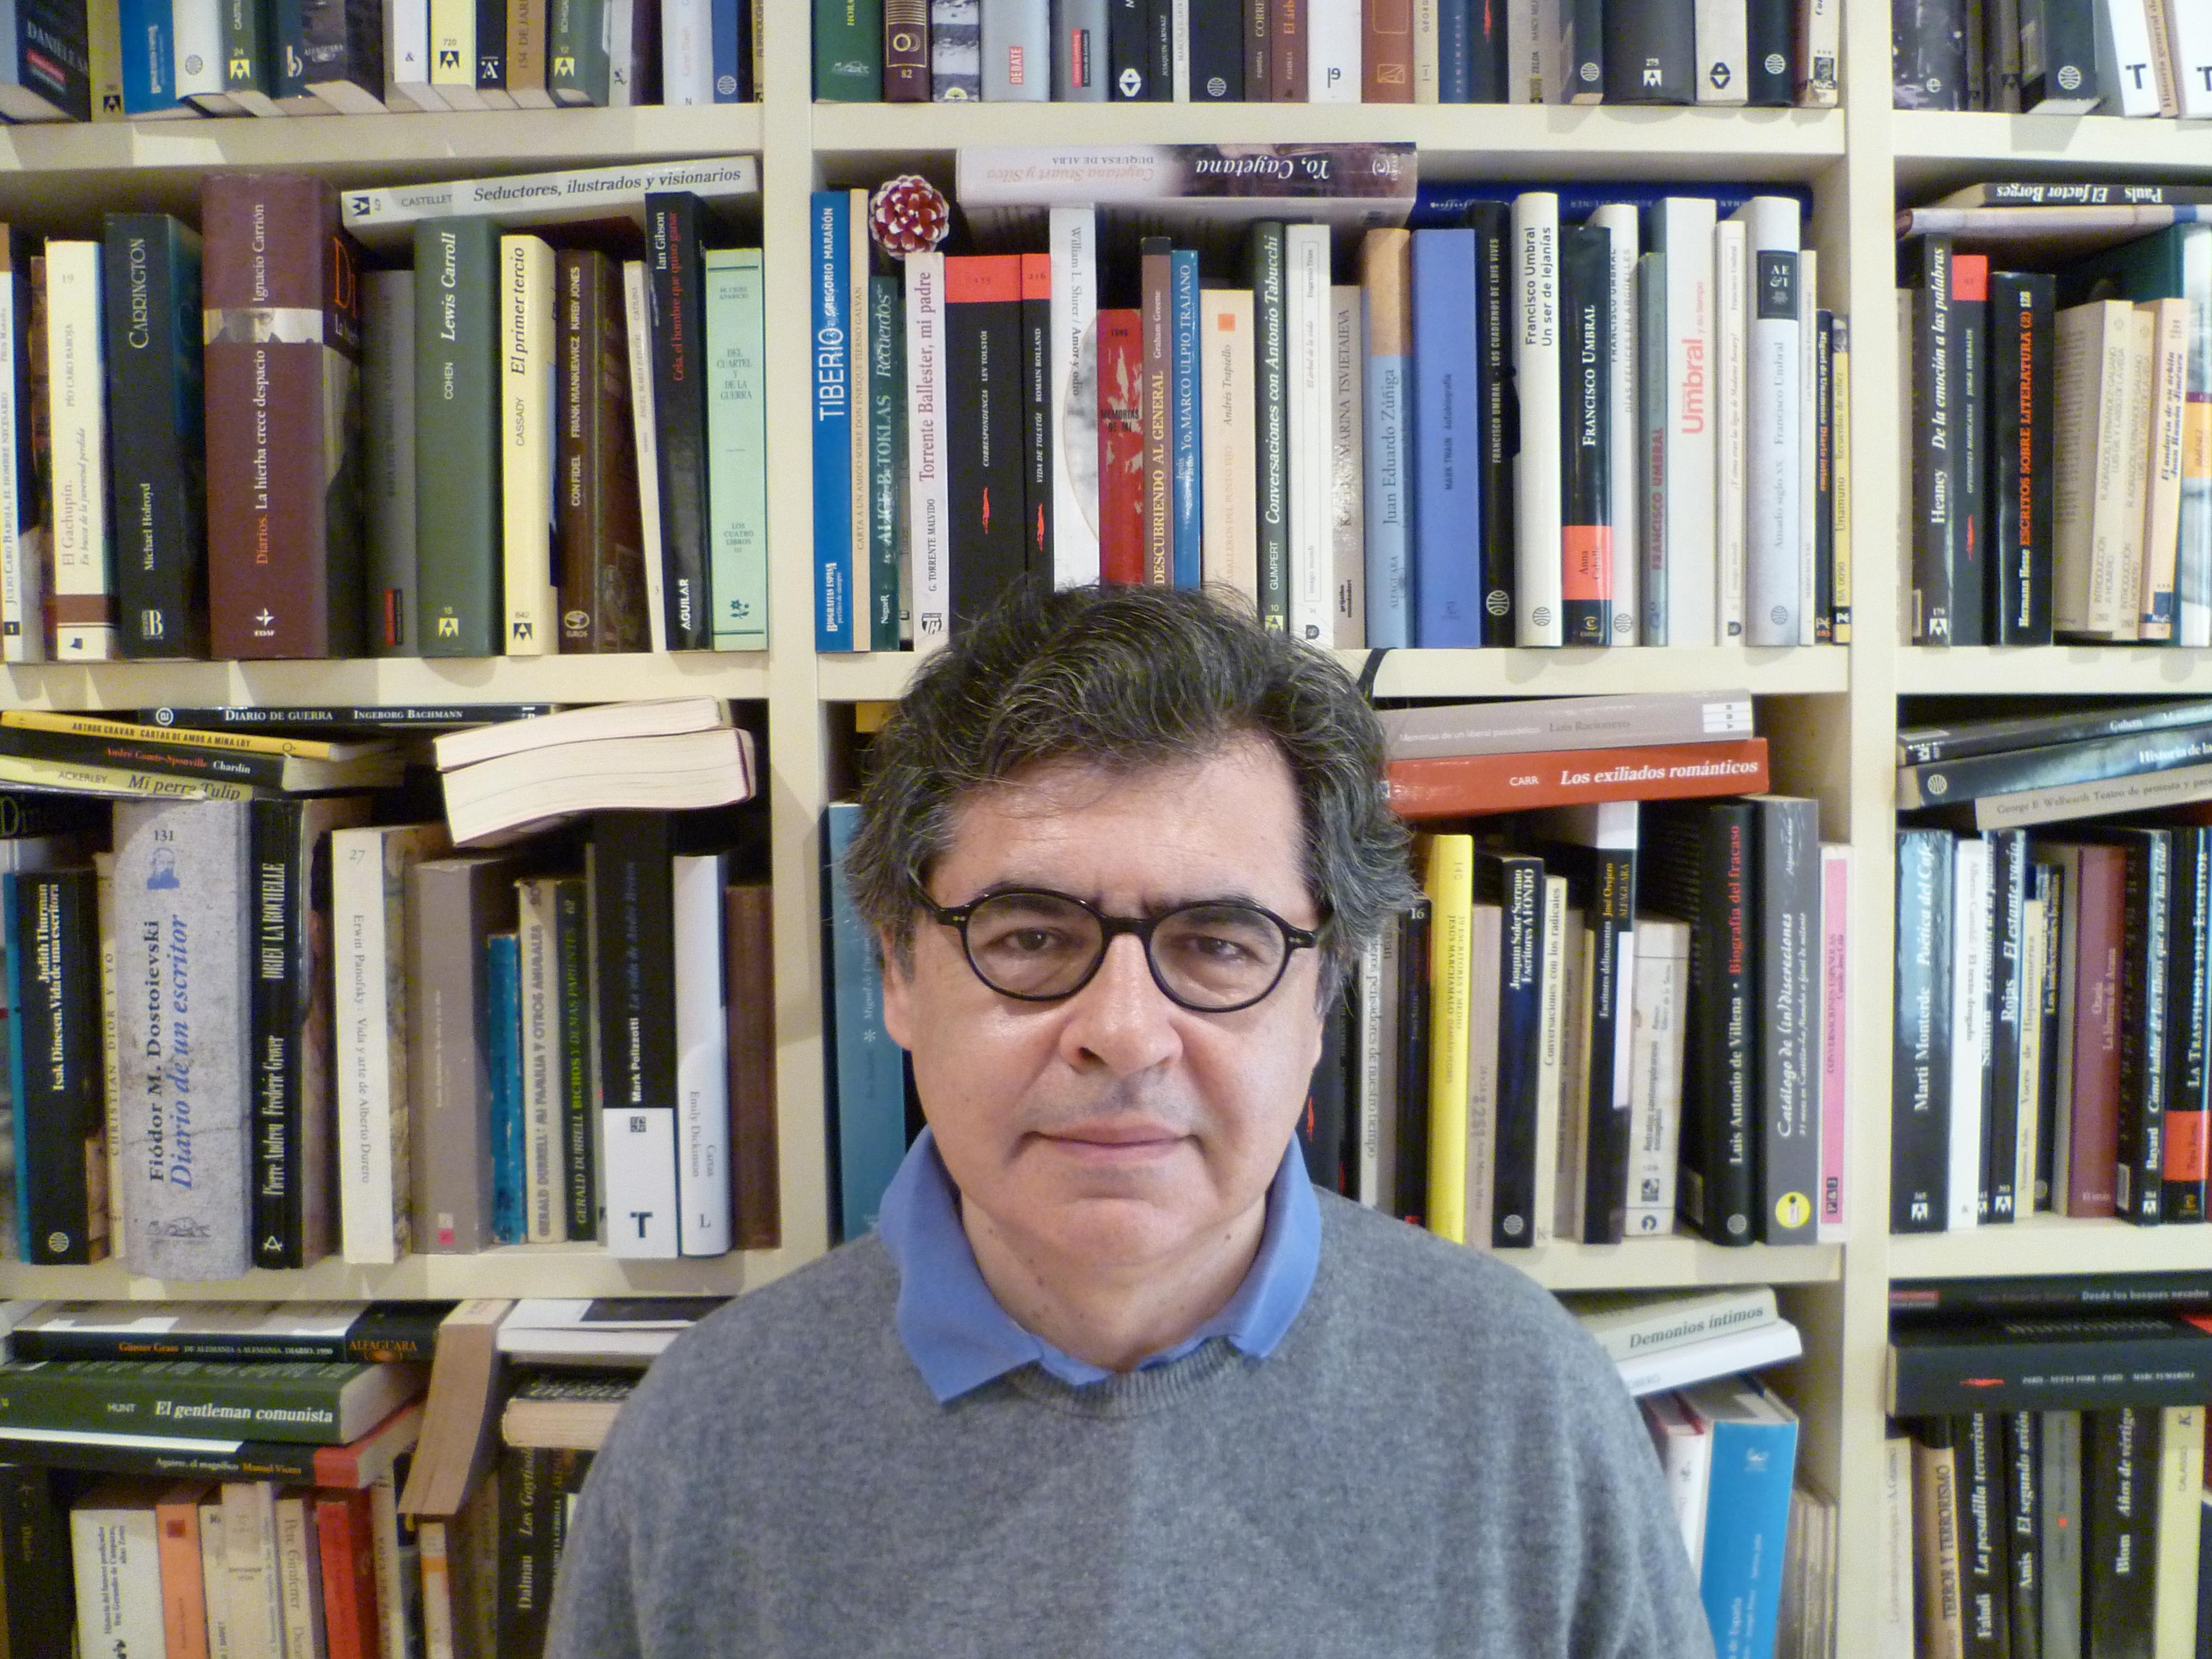 El periodista escritor y guionista de cine manuel hidalgo premio francisco de javier 2014 for Javier ruiz hidalgo